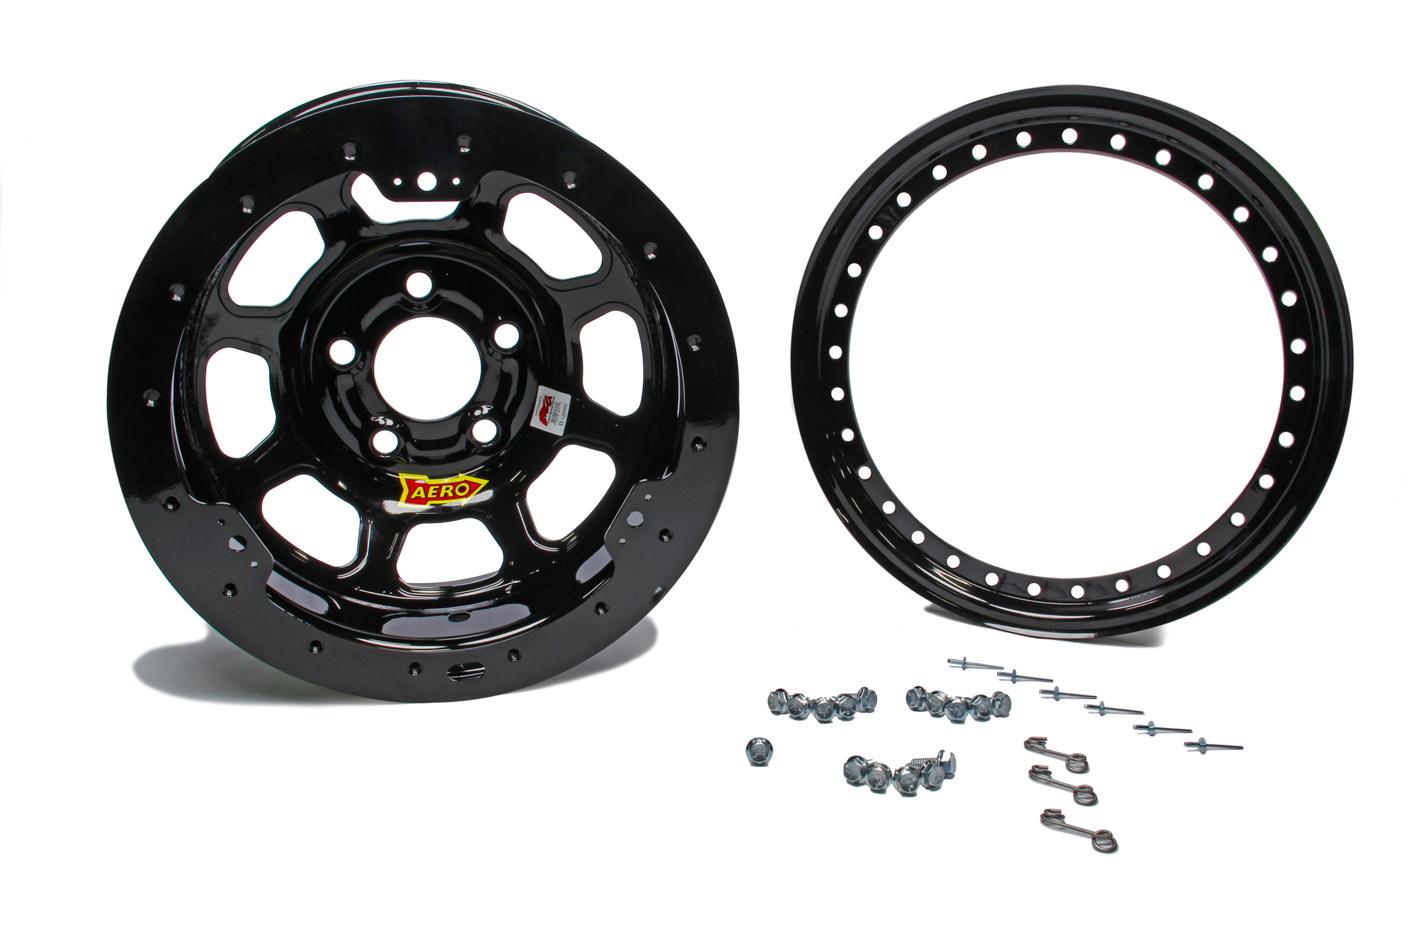 Aero 53-104730B Wheel, 53-Series, 15 x 10 in, 3.000 in Backspace, 5 x 4.75 in Bolt Pattern, Beadlock, Steel, Black Powder Coat, Each